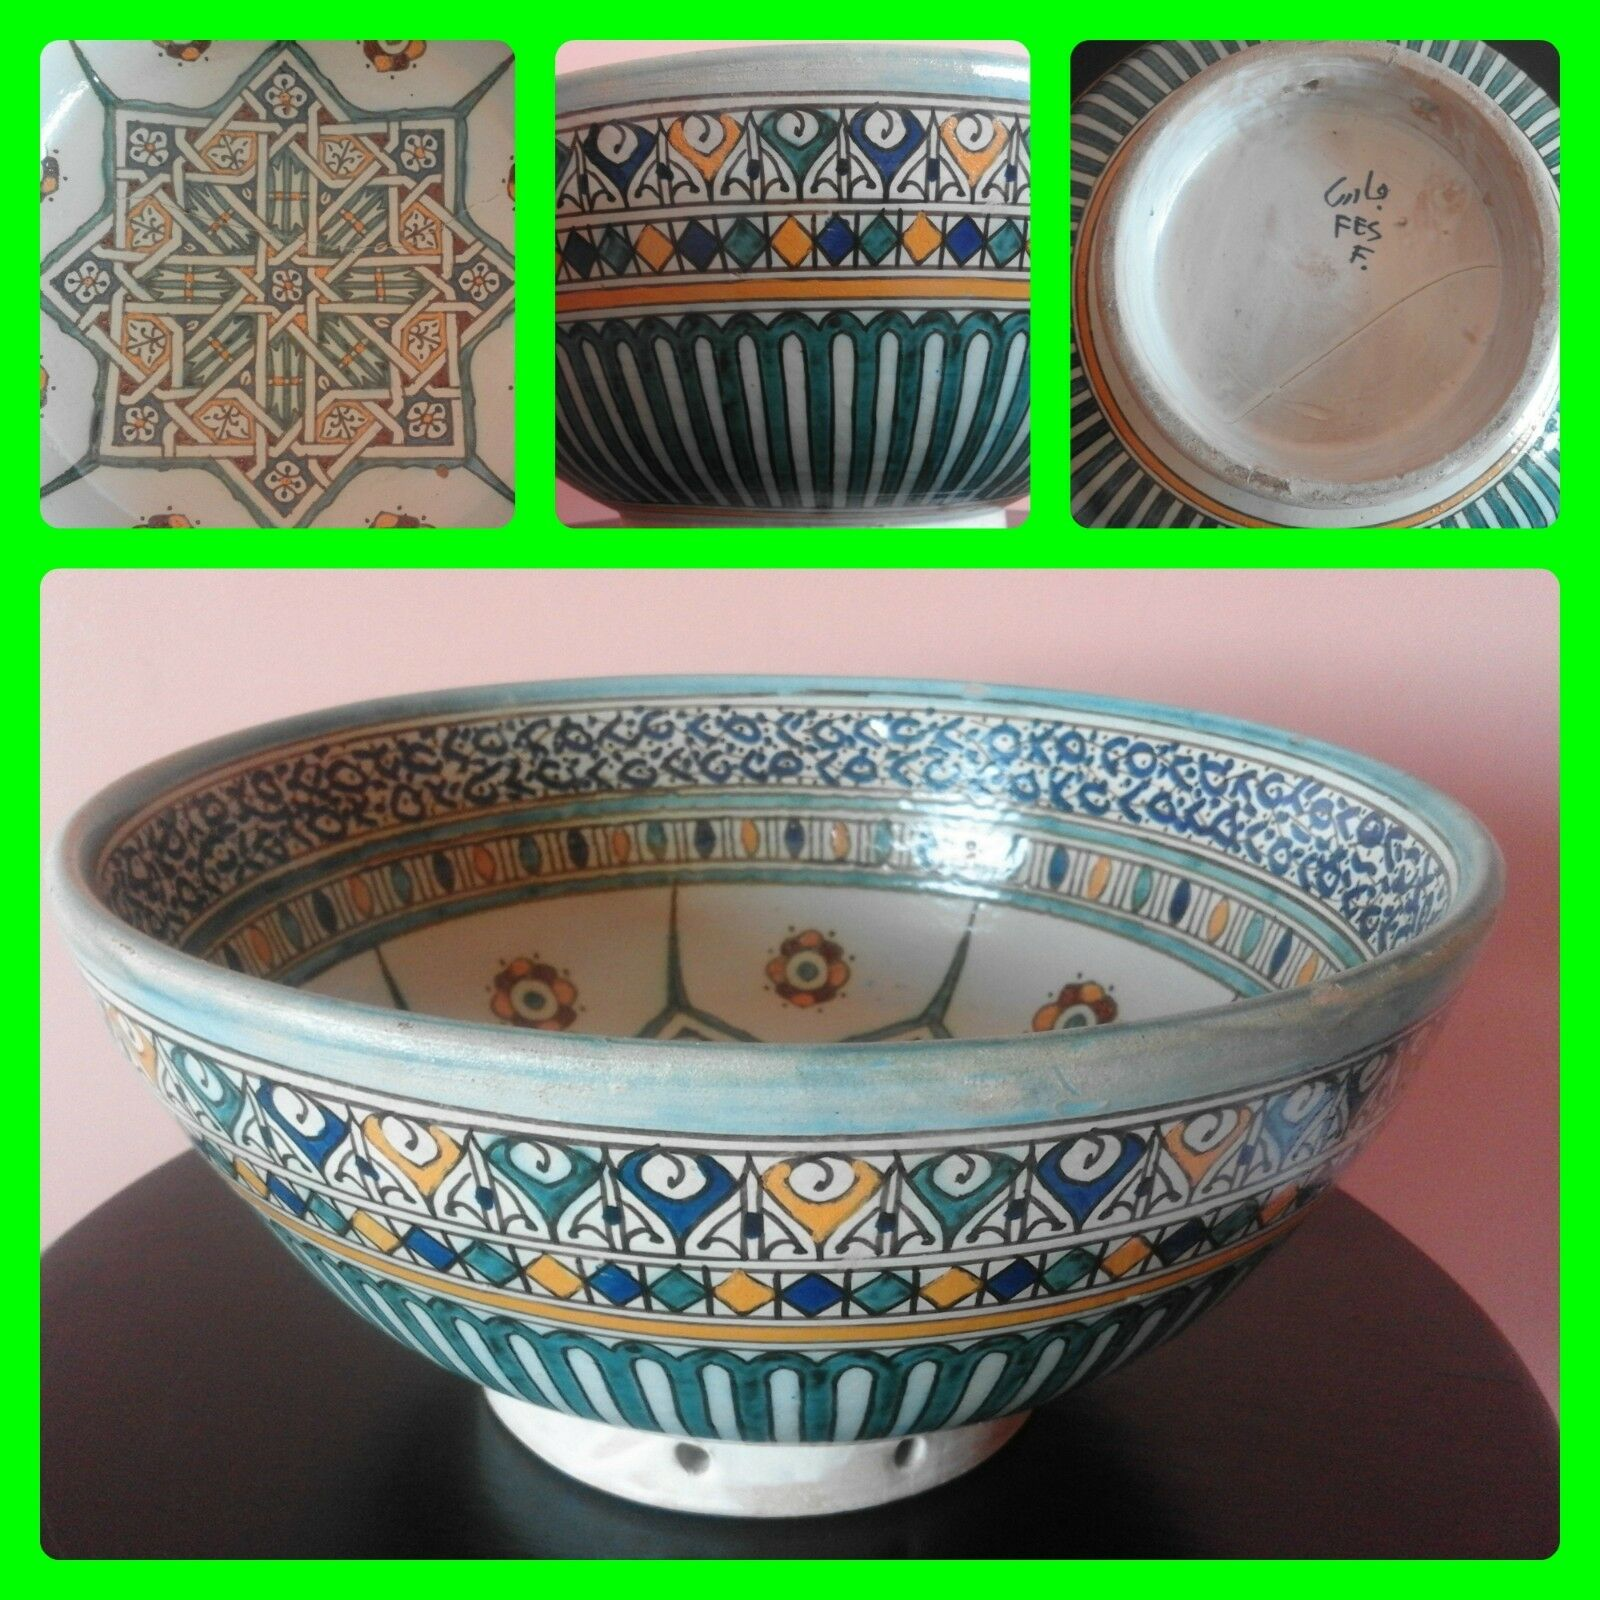 Vintage Marocain Big céramique assiette bol salade pates soupe de fruits Riz Plat 12.6 in (environ 32.00 cm)